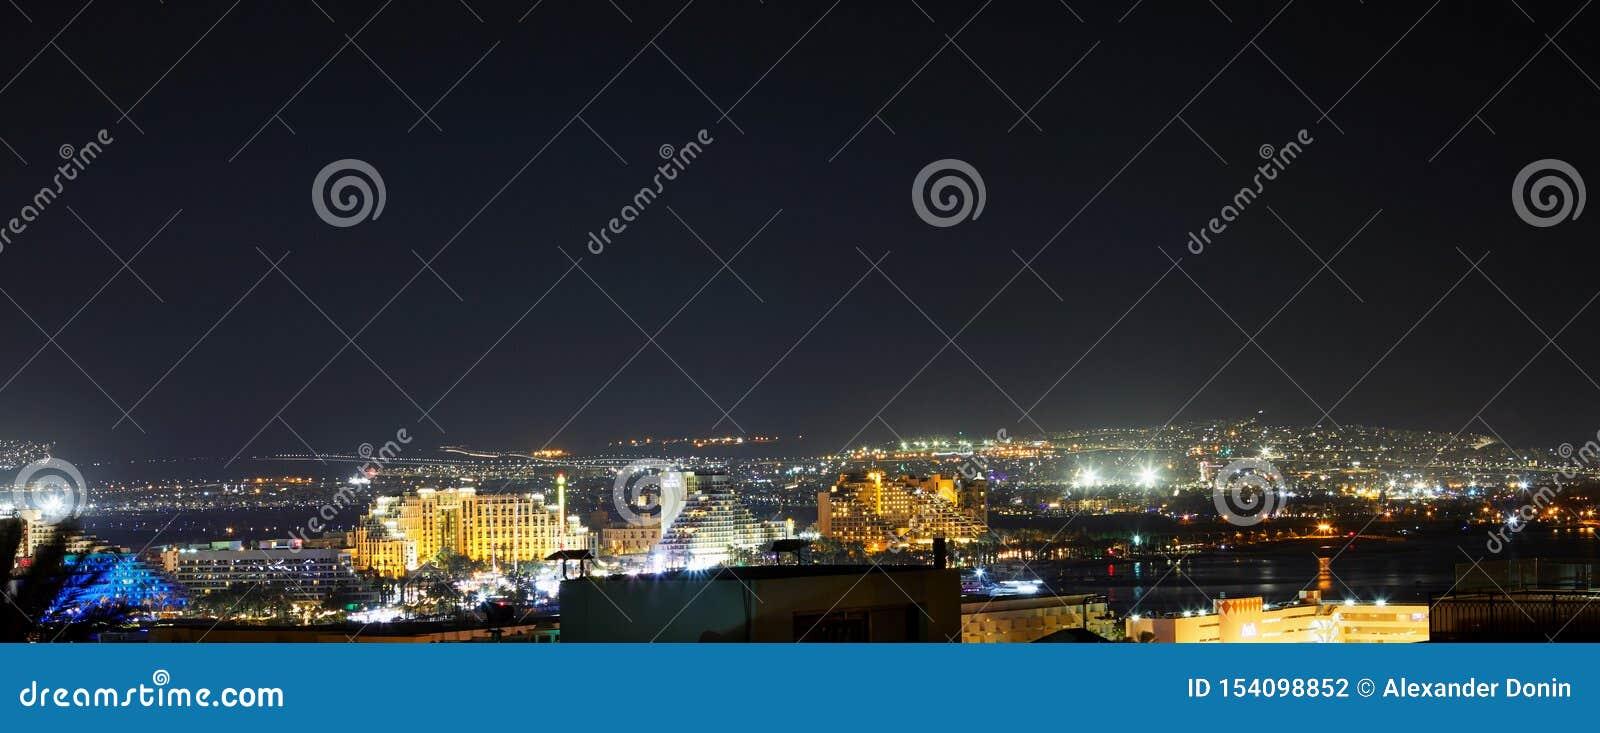 Панорамный вид на центральном общественном пляже Eilat - известного курортного города